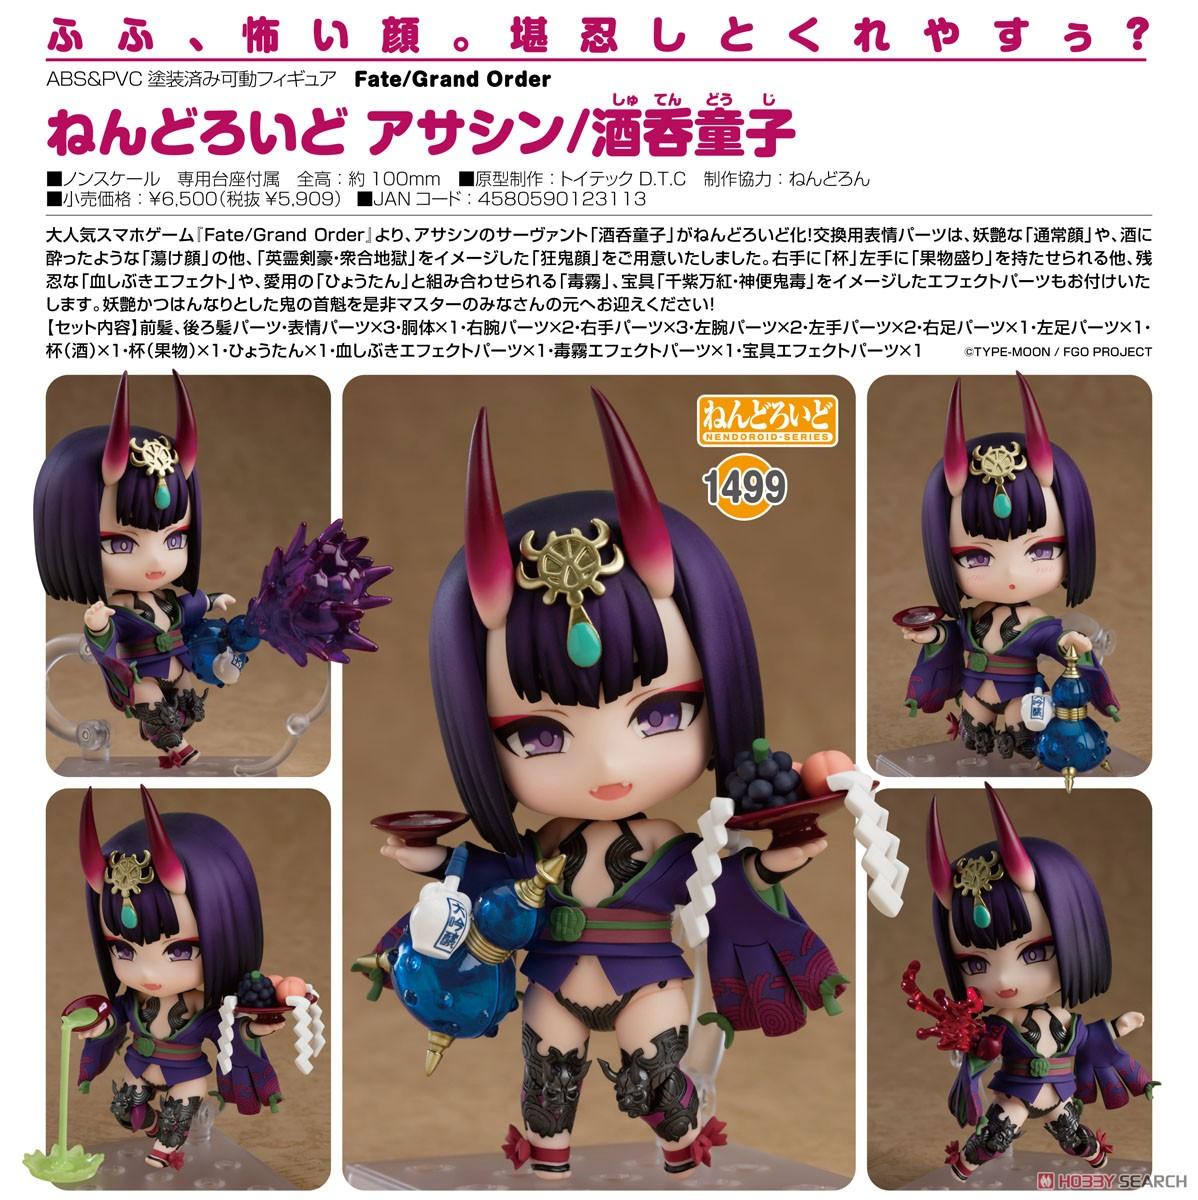 ねんどろいど『アサシン/酒呑童子』Fate/Grand Order デフォルメ可動フィギュア-006